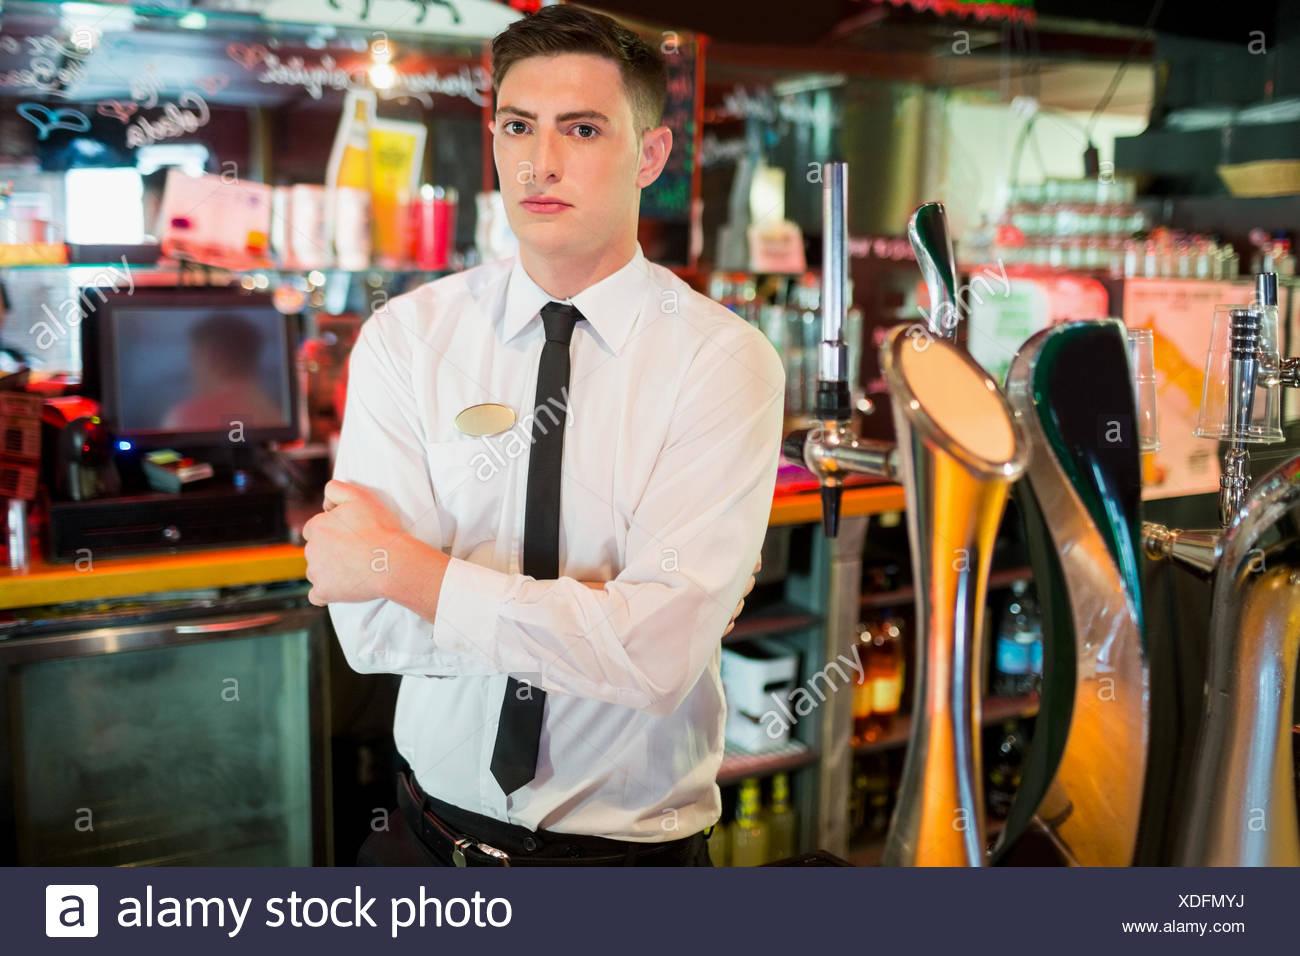 Gut gekleidete Barkeeper mit verschränkten Armen Stockbild